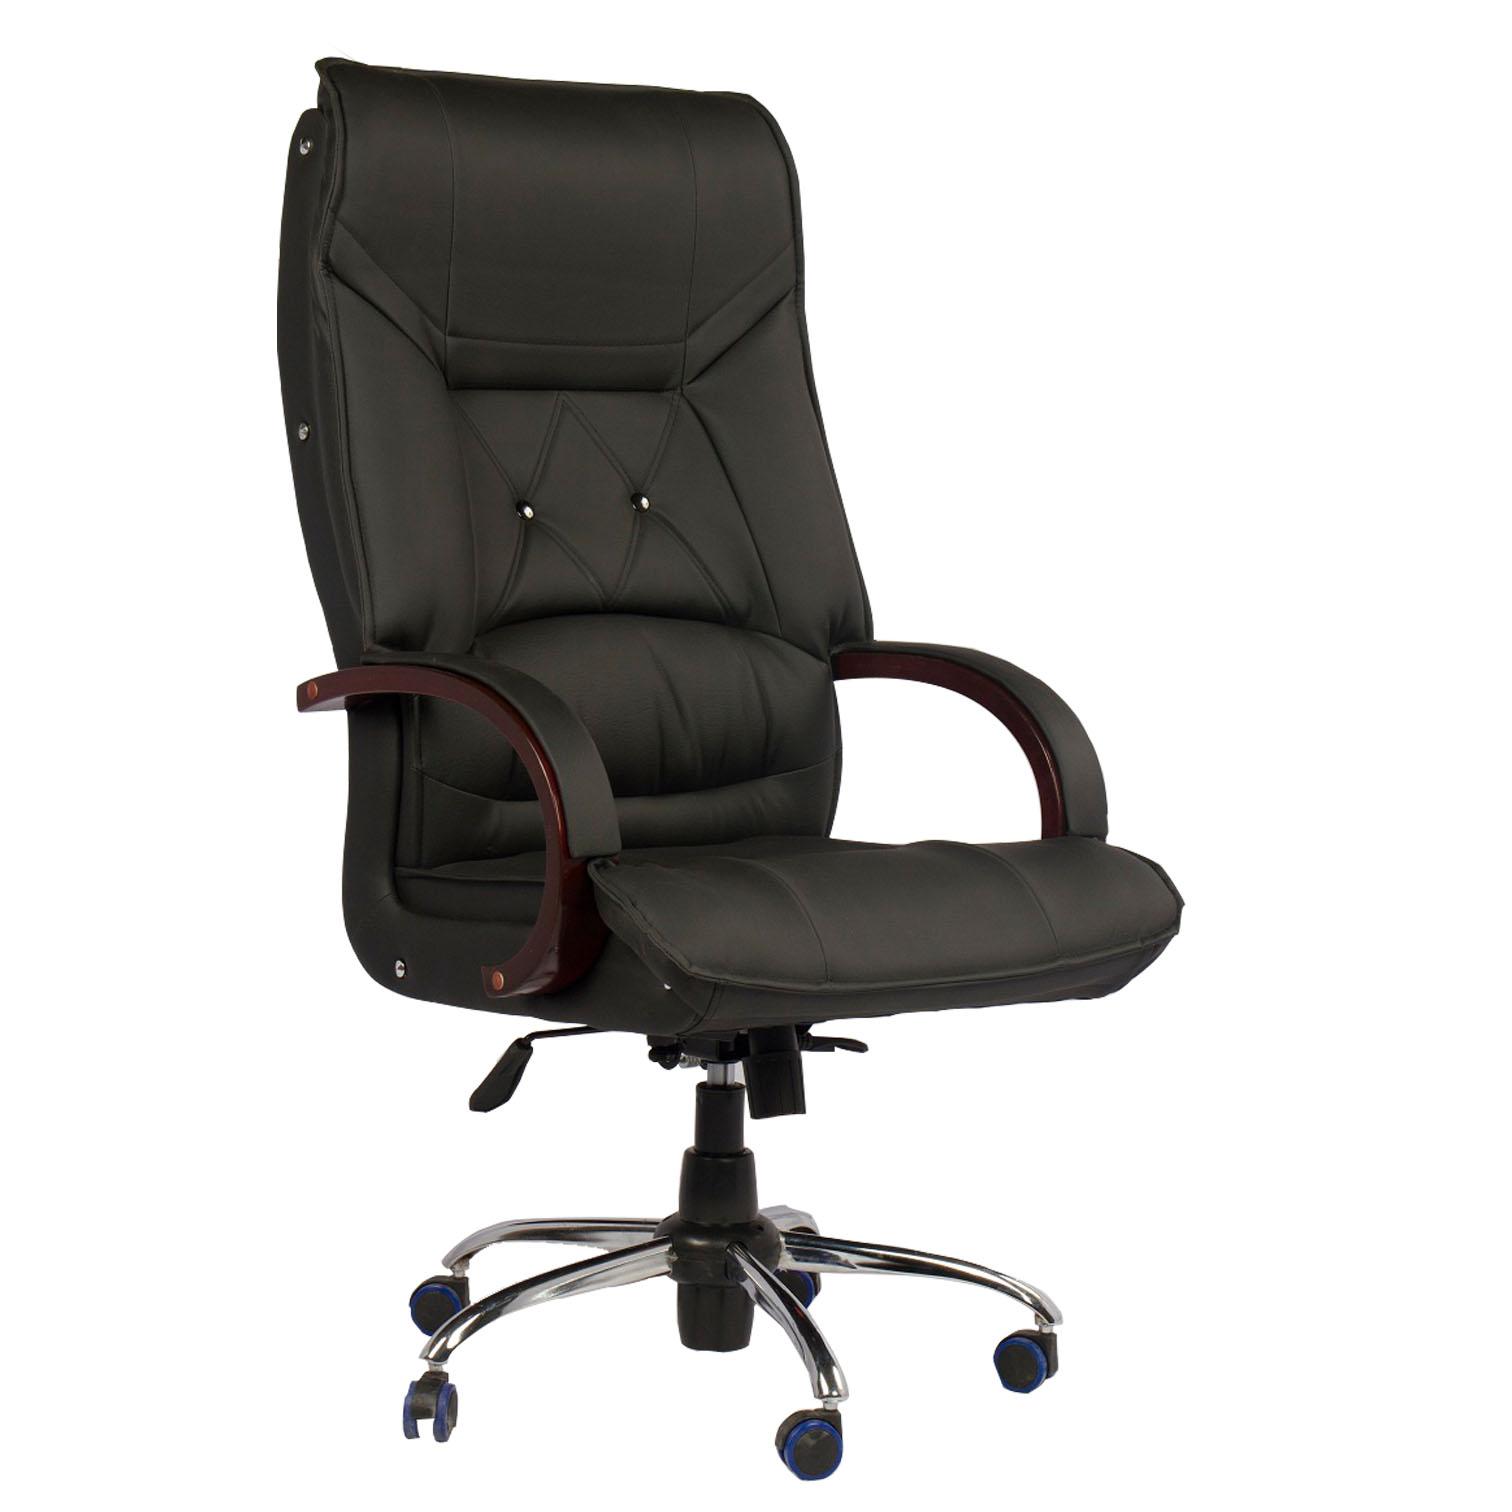 صندلی مدیریتی M970